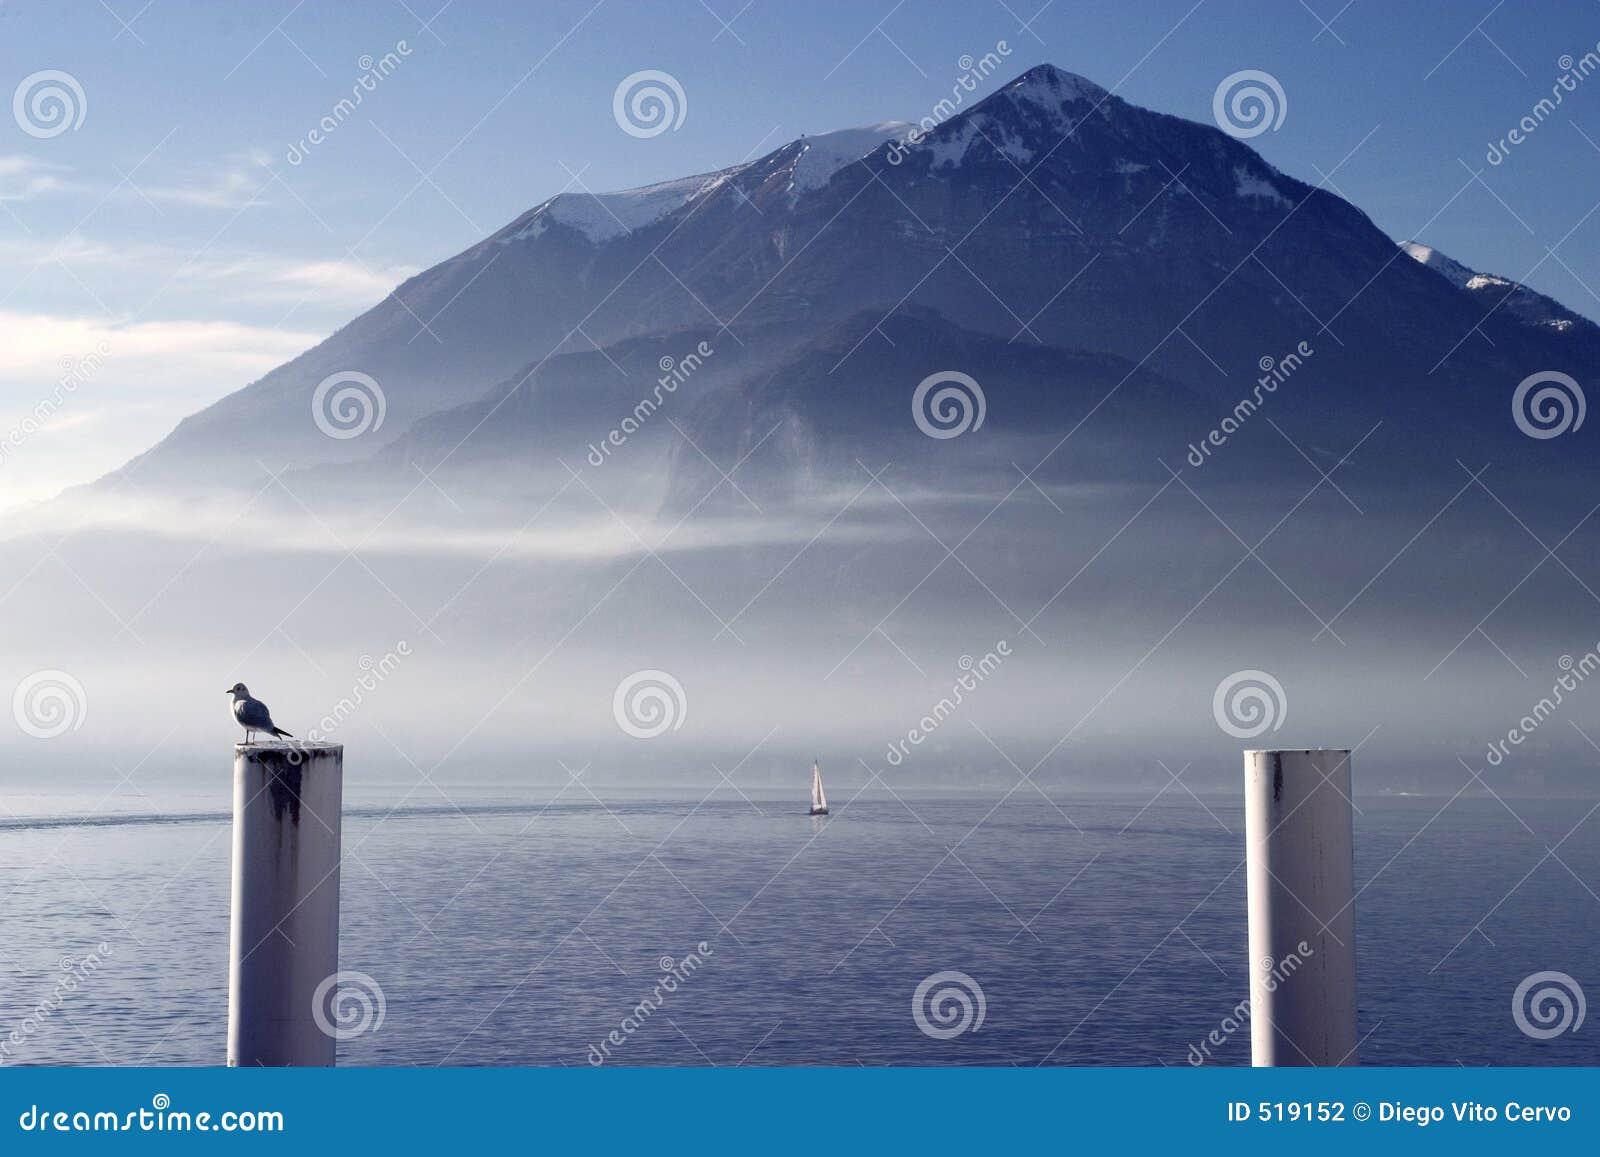 Lake of Varenna03